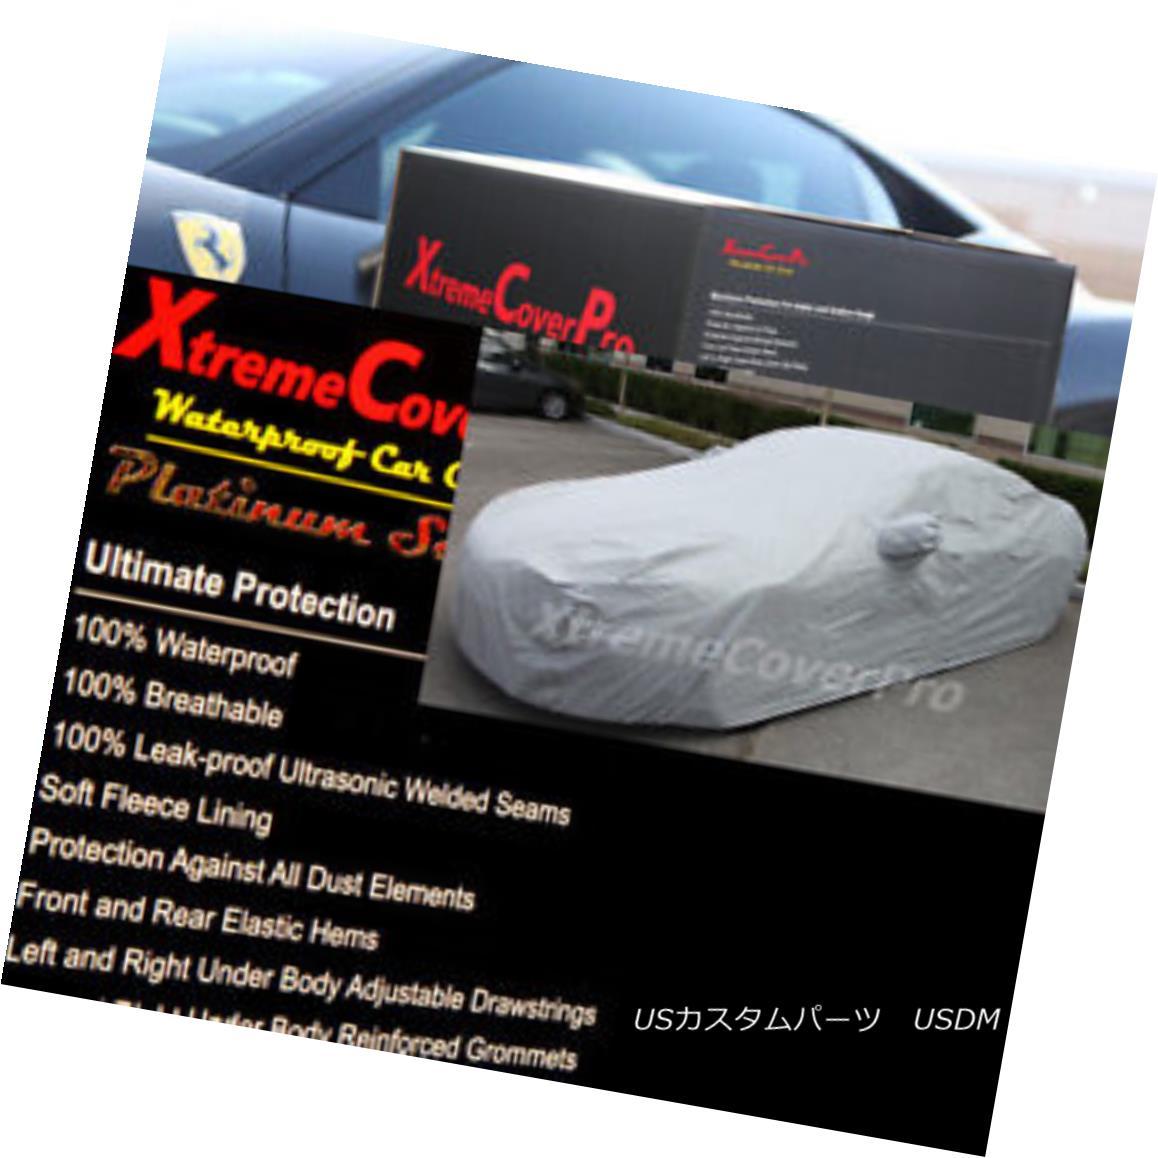 カーカバー 2015 PORSCHE CAYMAN S GTS Waterproof Car Cover w/Mirror Pockets - Gray 2015ポルシェカイマンS GTSミラーポケット付き防水カーカバー - グレー